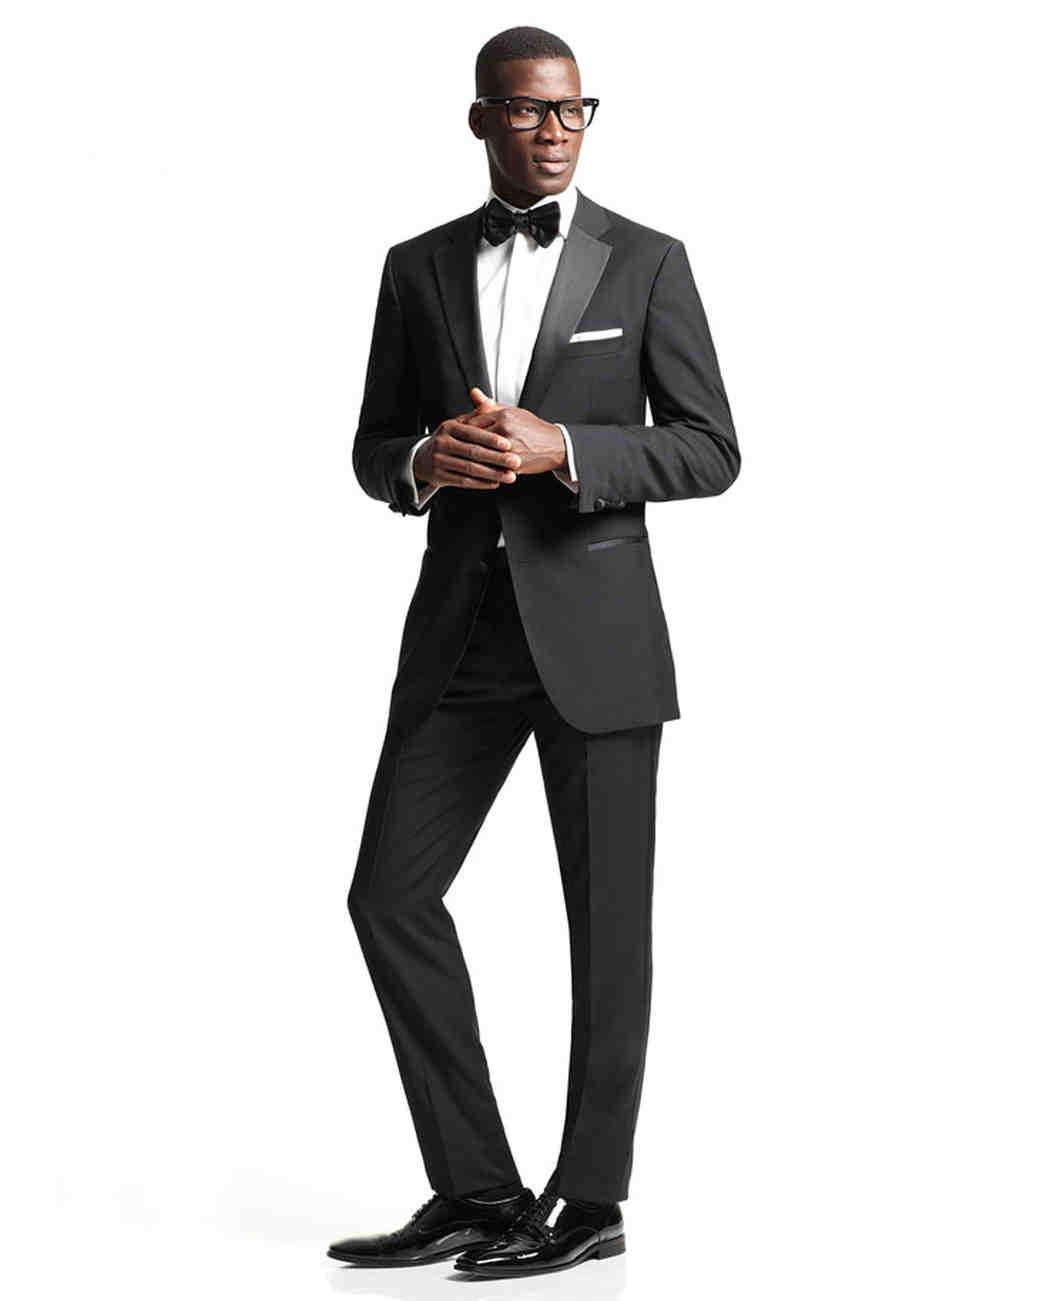 fall-groom-suits-nordstrom-hugo-boss-tuxedo-1014.jpg